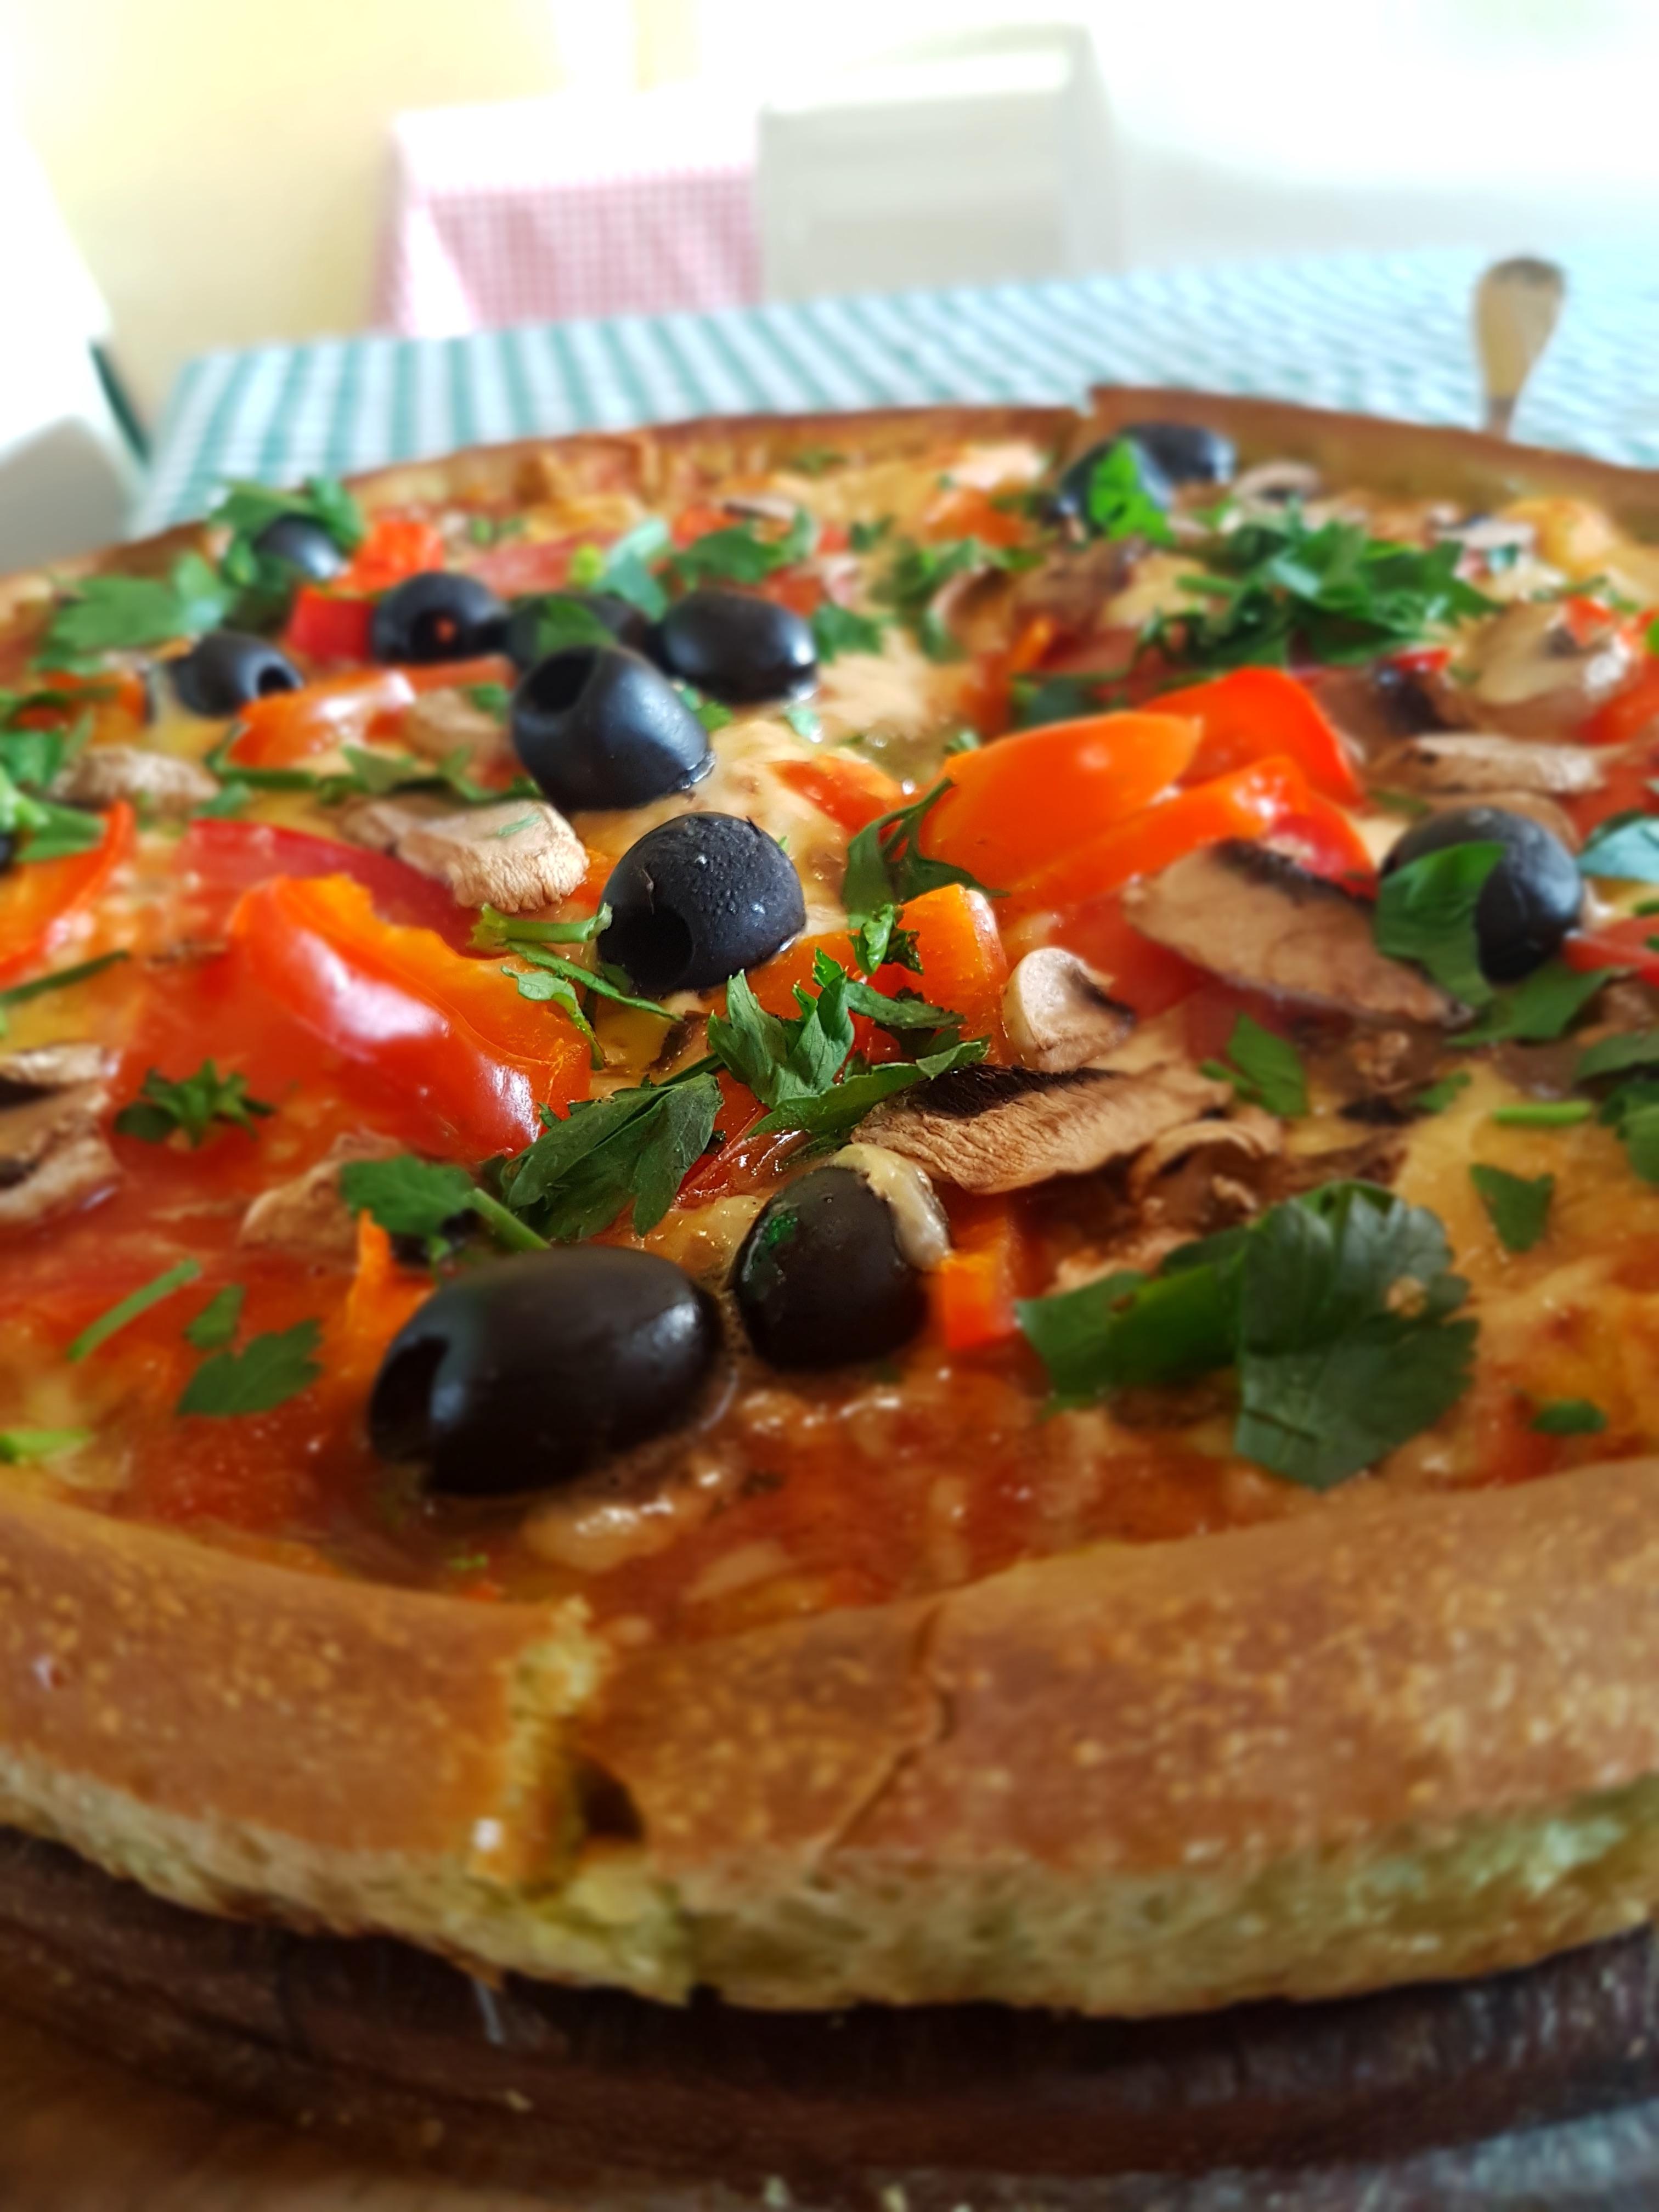 91ce57027 jedlo jedlo jedlo vyrobiť raňajky kuchyne pizza bruschetta talianske jedlo  european food